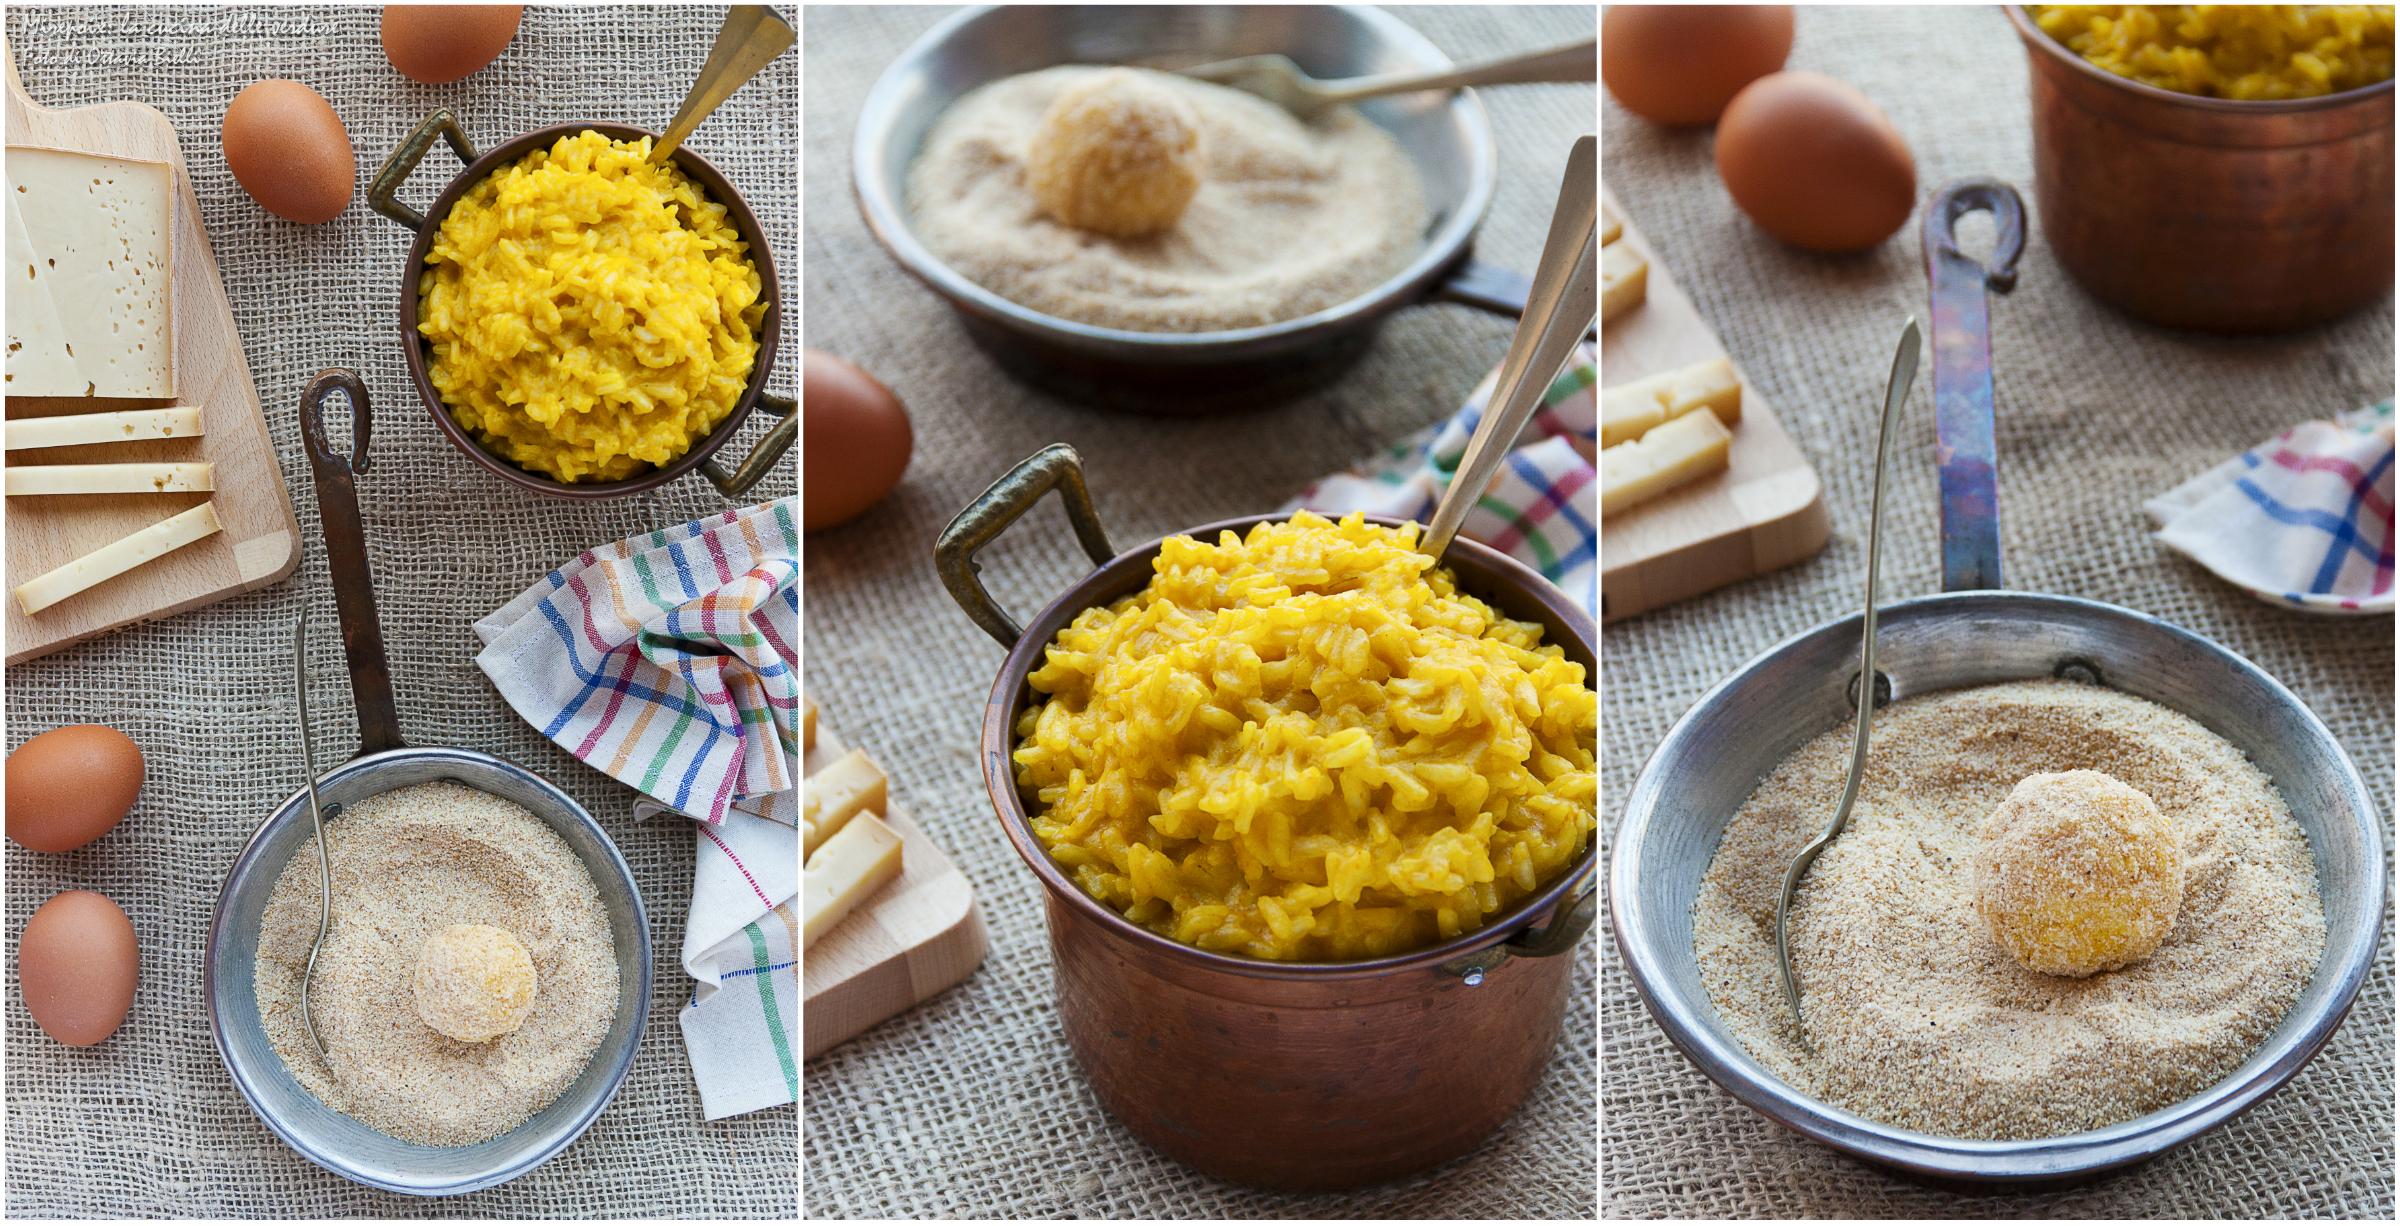 Polpette di riso alla zucca e toma